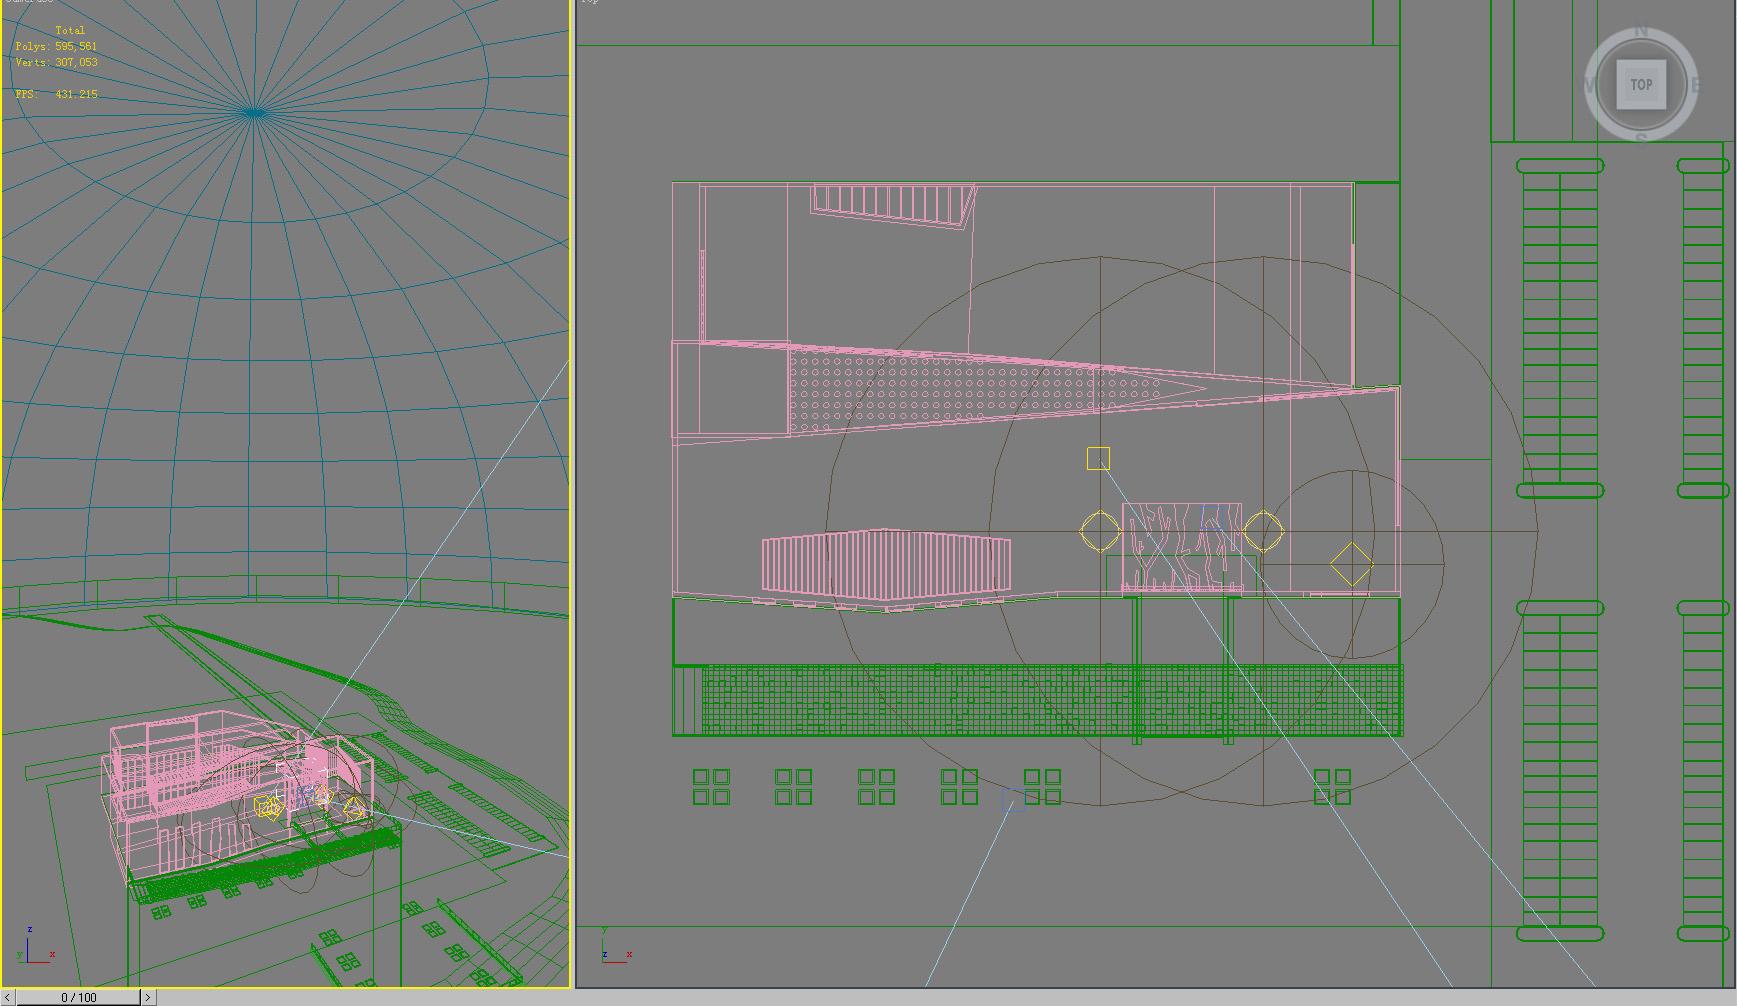 building 611 3d model max pct pict psd 126964